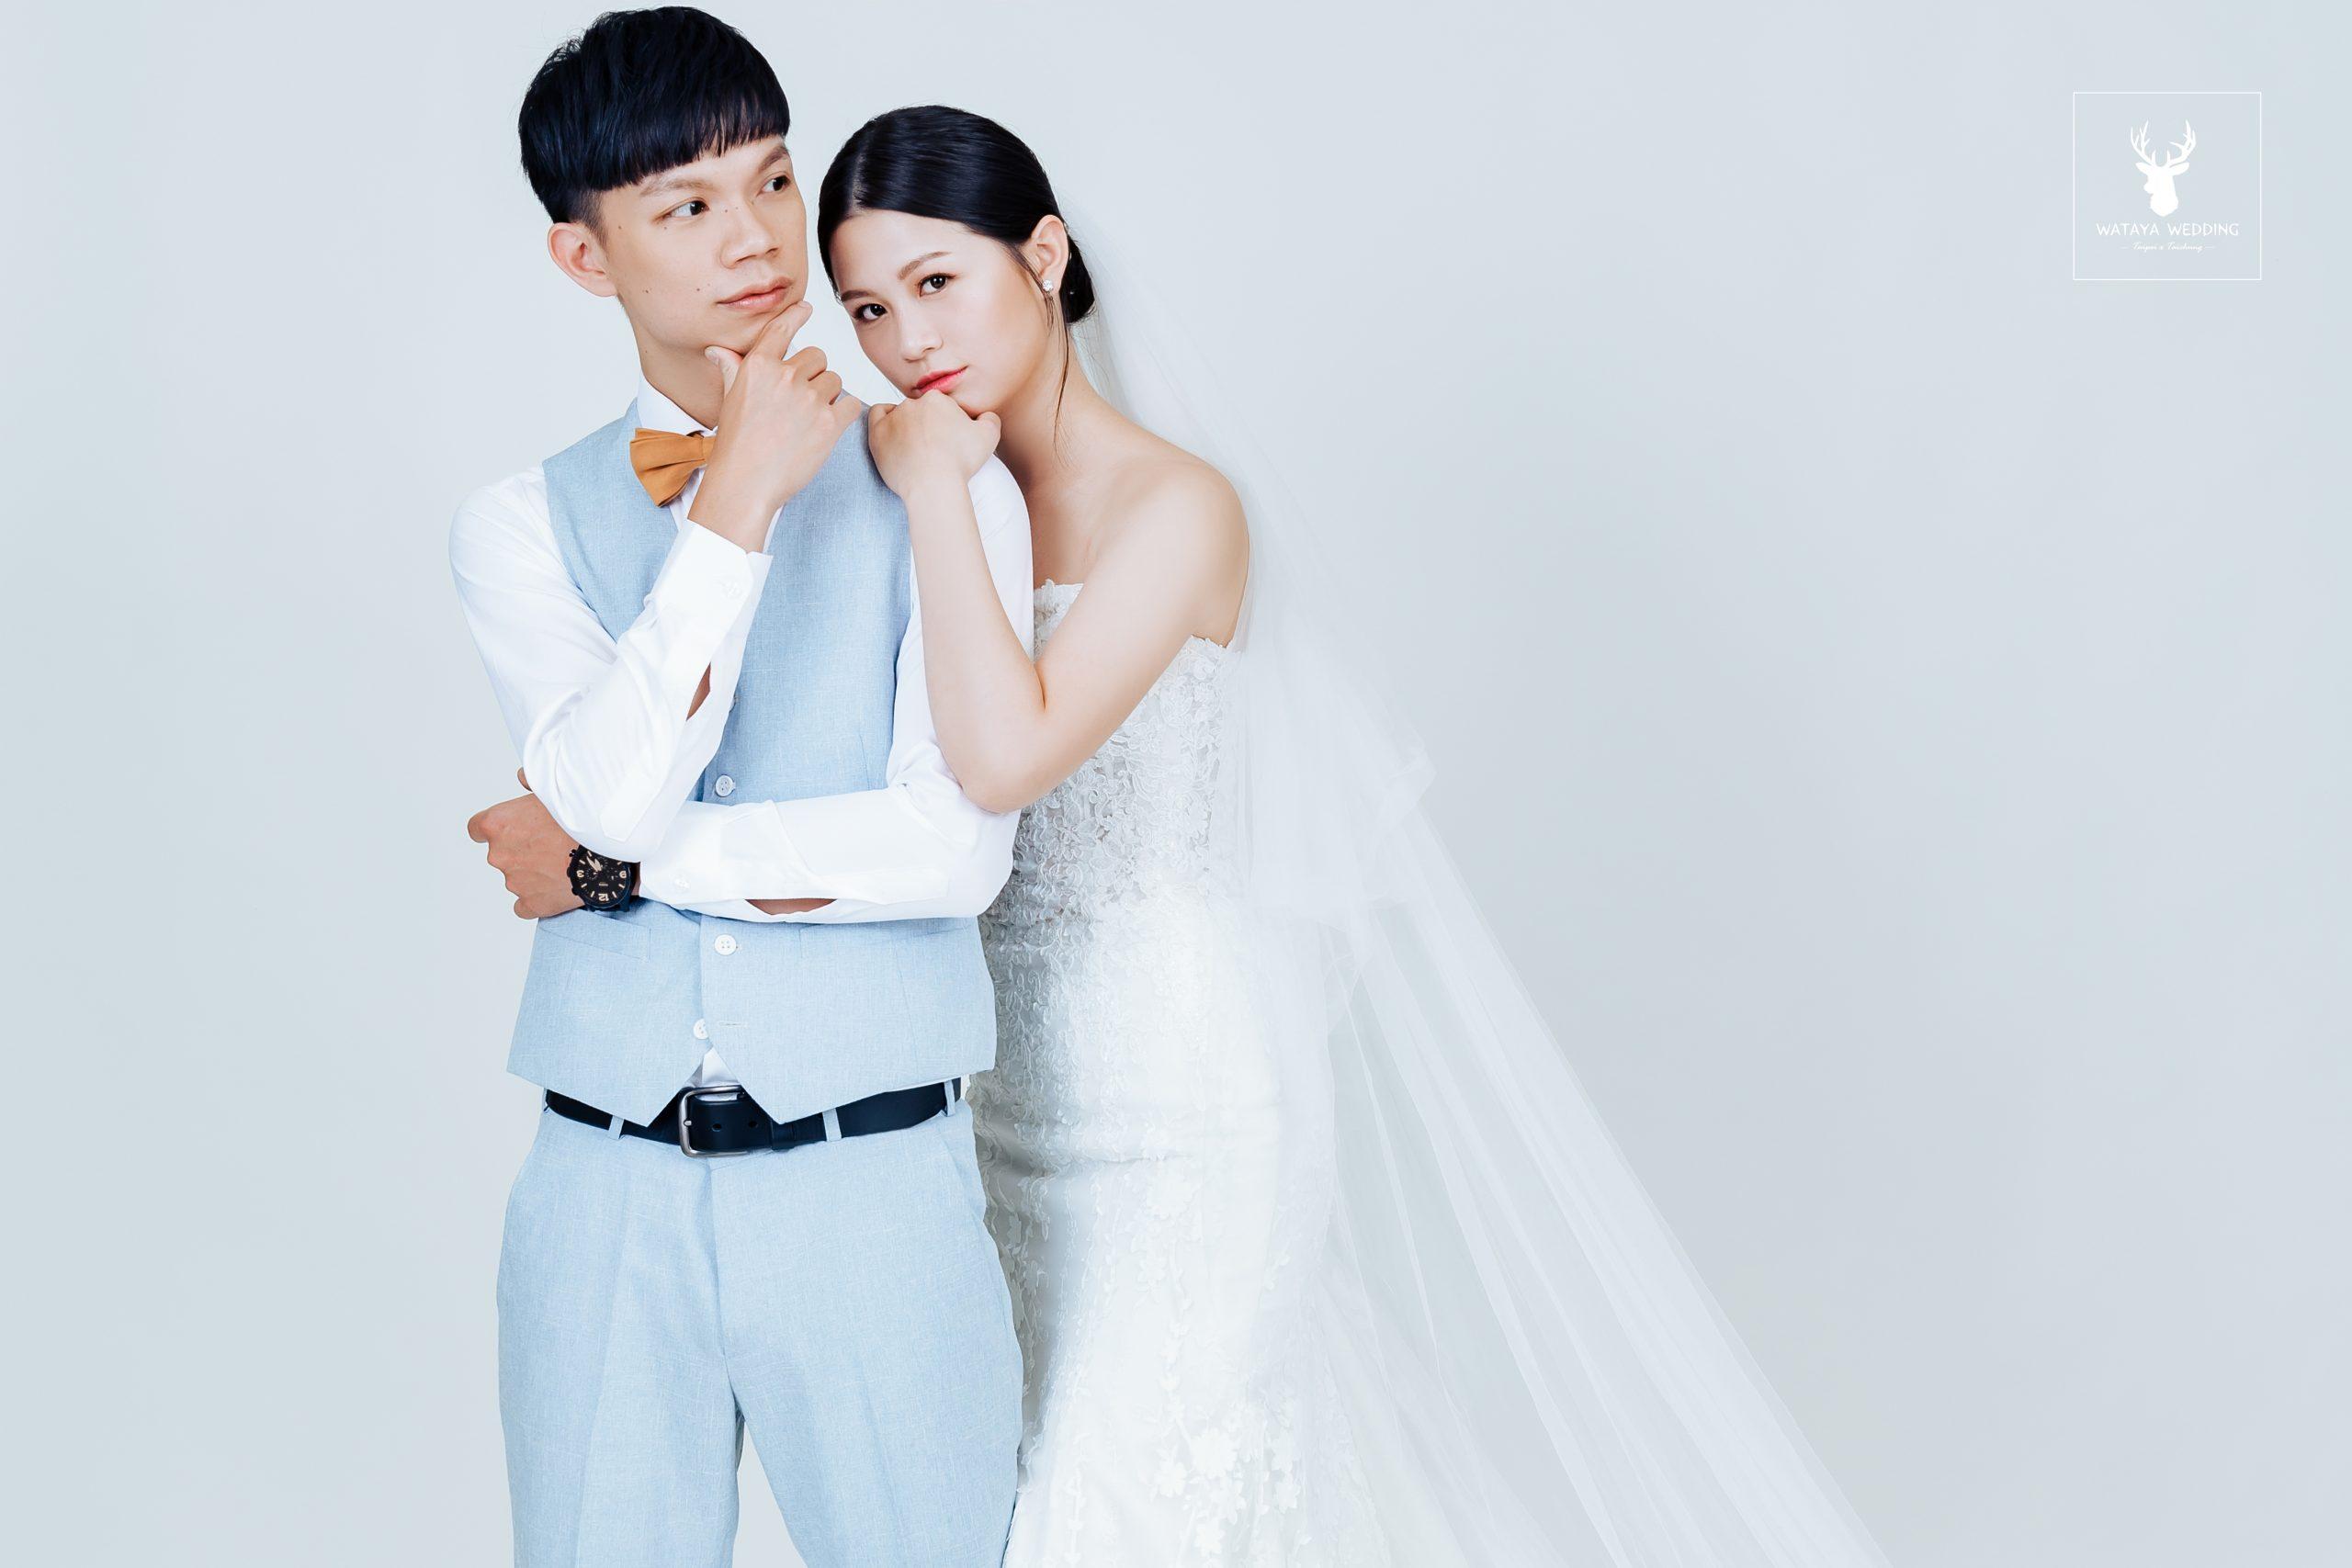 室內婚紗照風格韓風